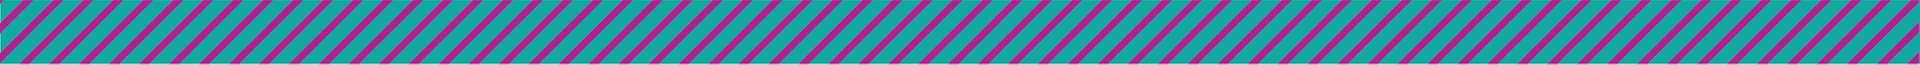 Teal purple border